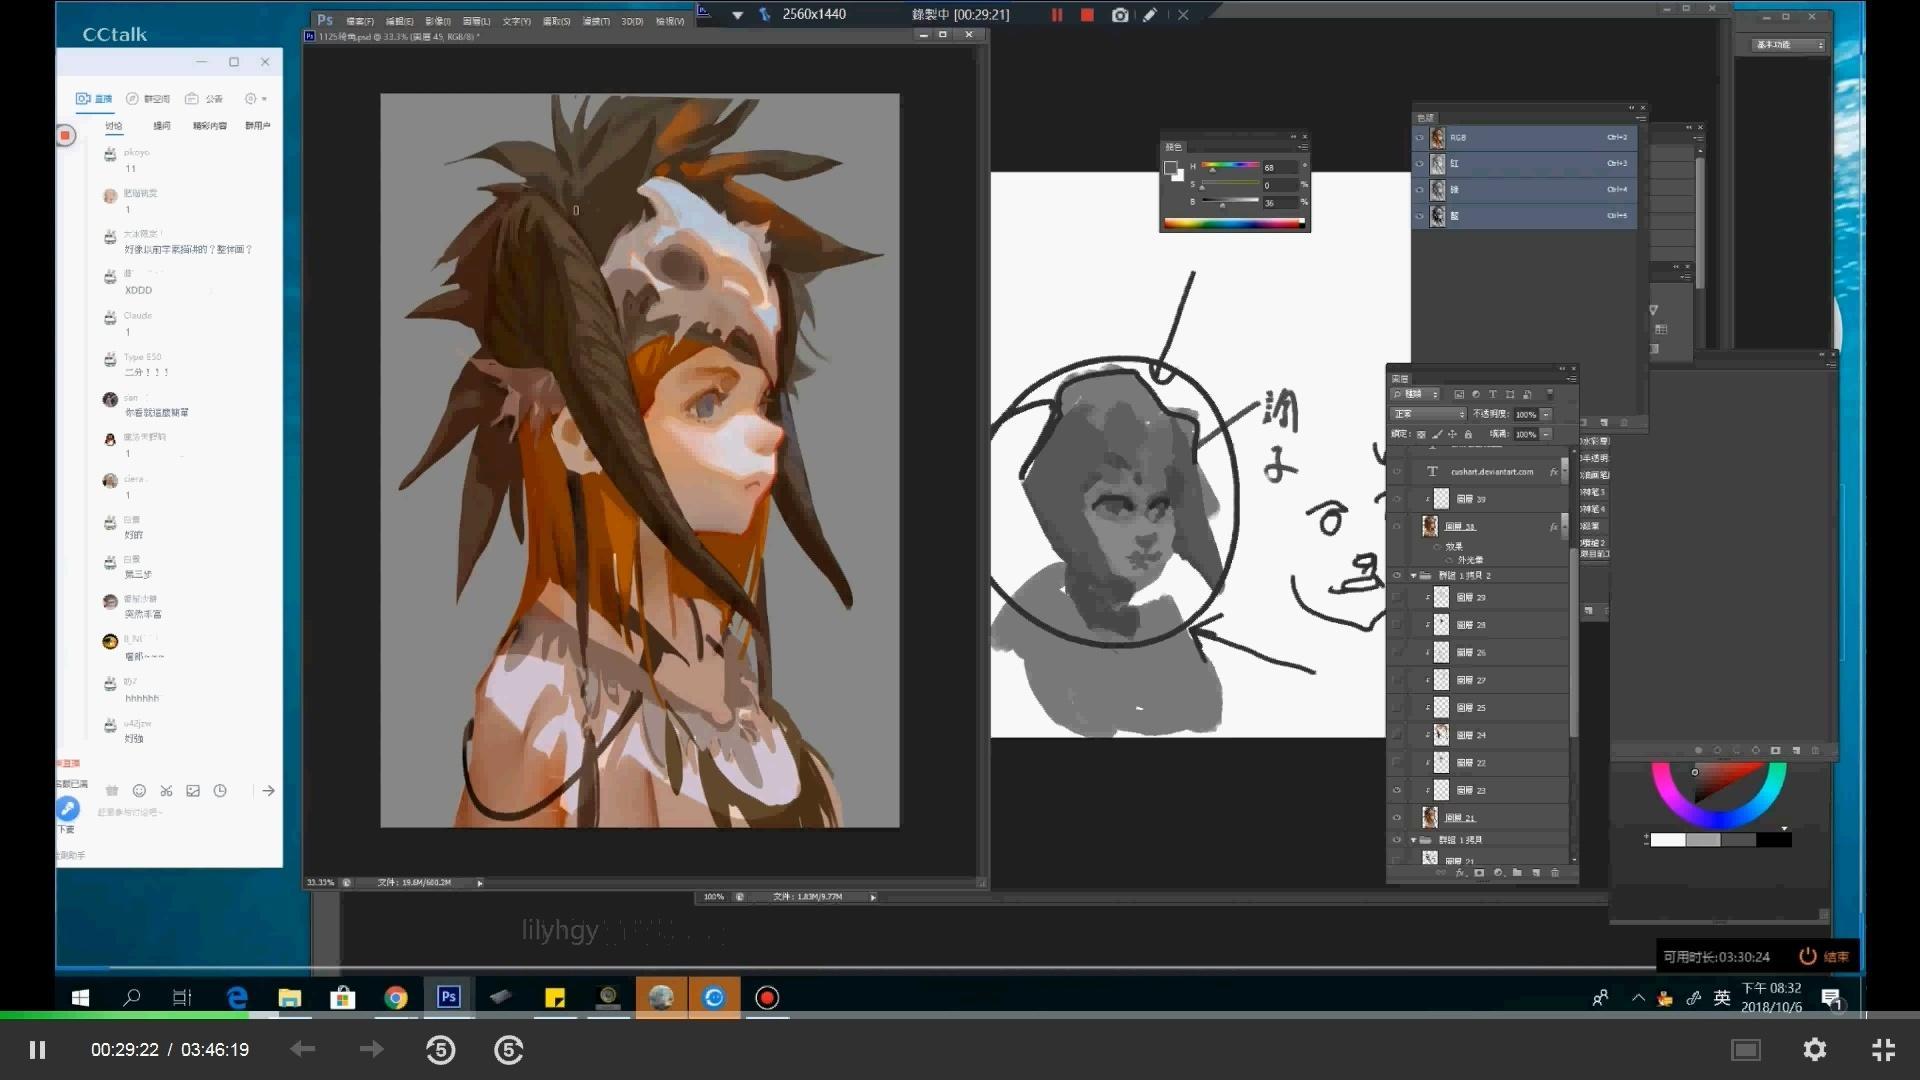 原画绘画教程-Krenz K大原画绘画色彩视频课程 8课 25GB(6)